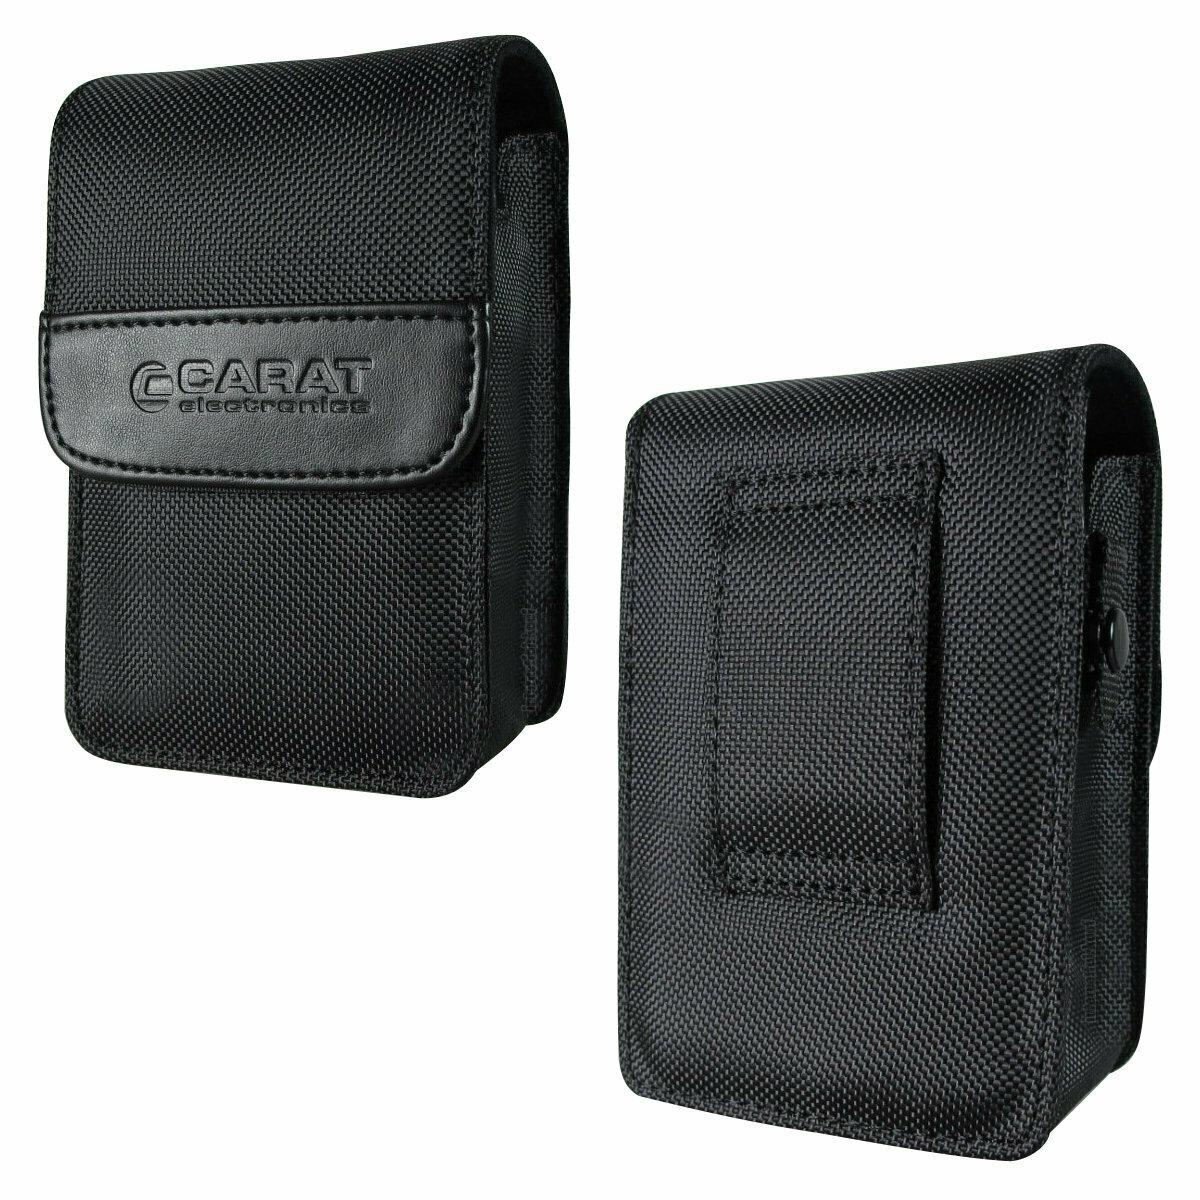 Gürteltasche Kameratasche passend für Canon PowerShot SX700 HS -Etui